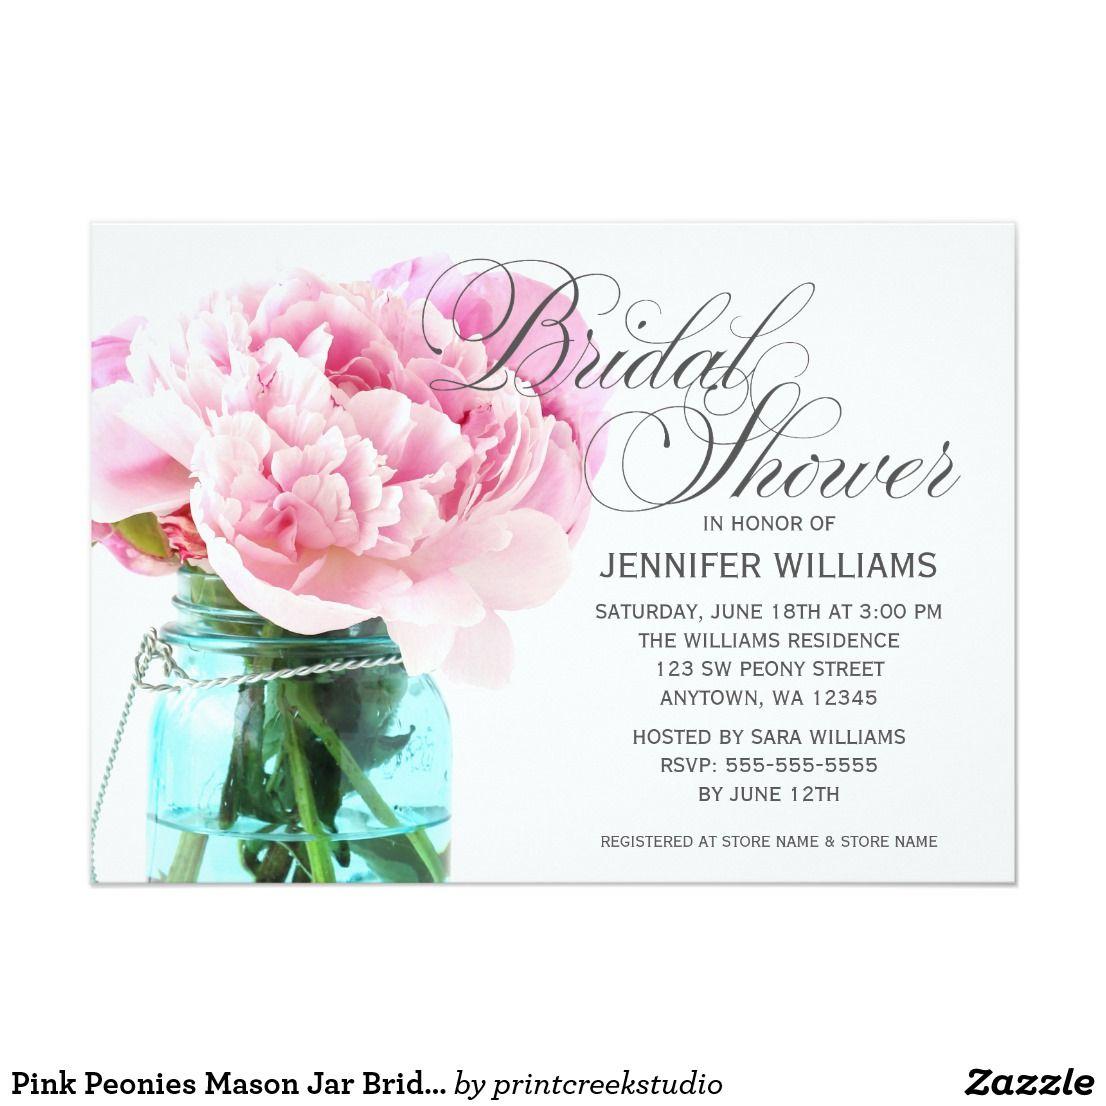 Pink Peonies Mason Jar Bridal Shower Card Elegant Pink Peonies